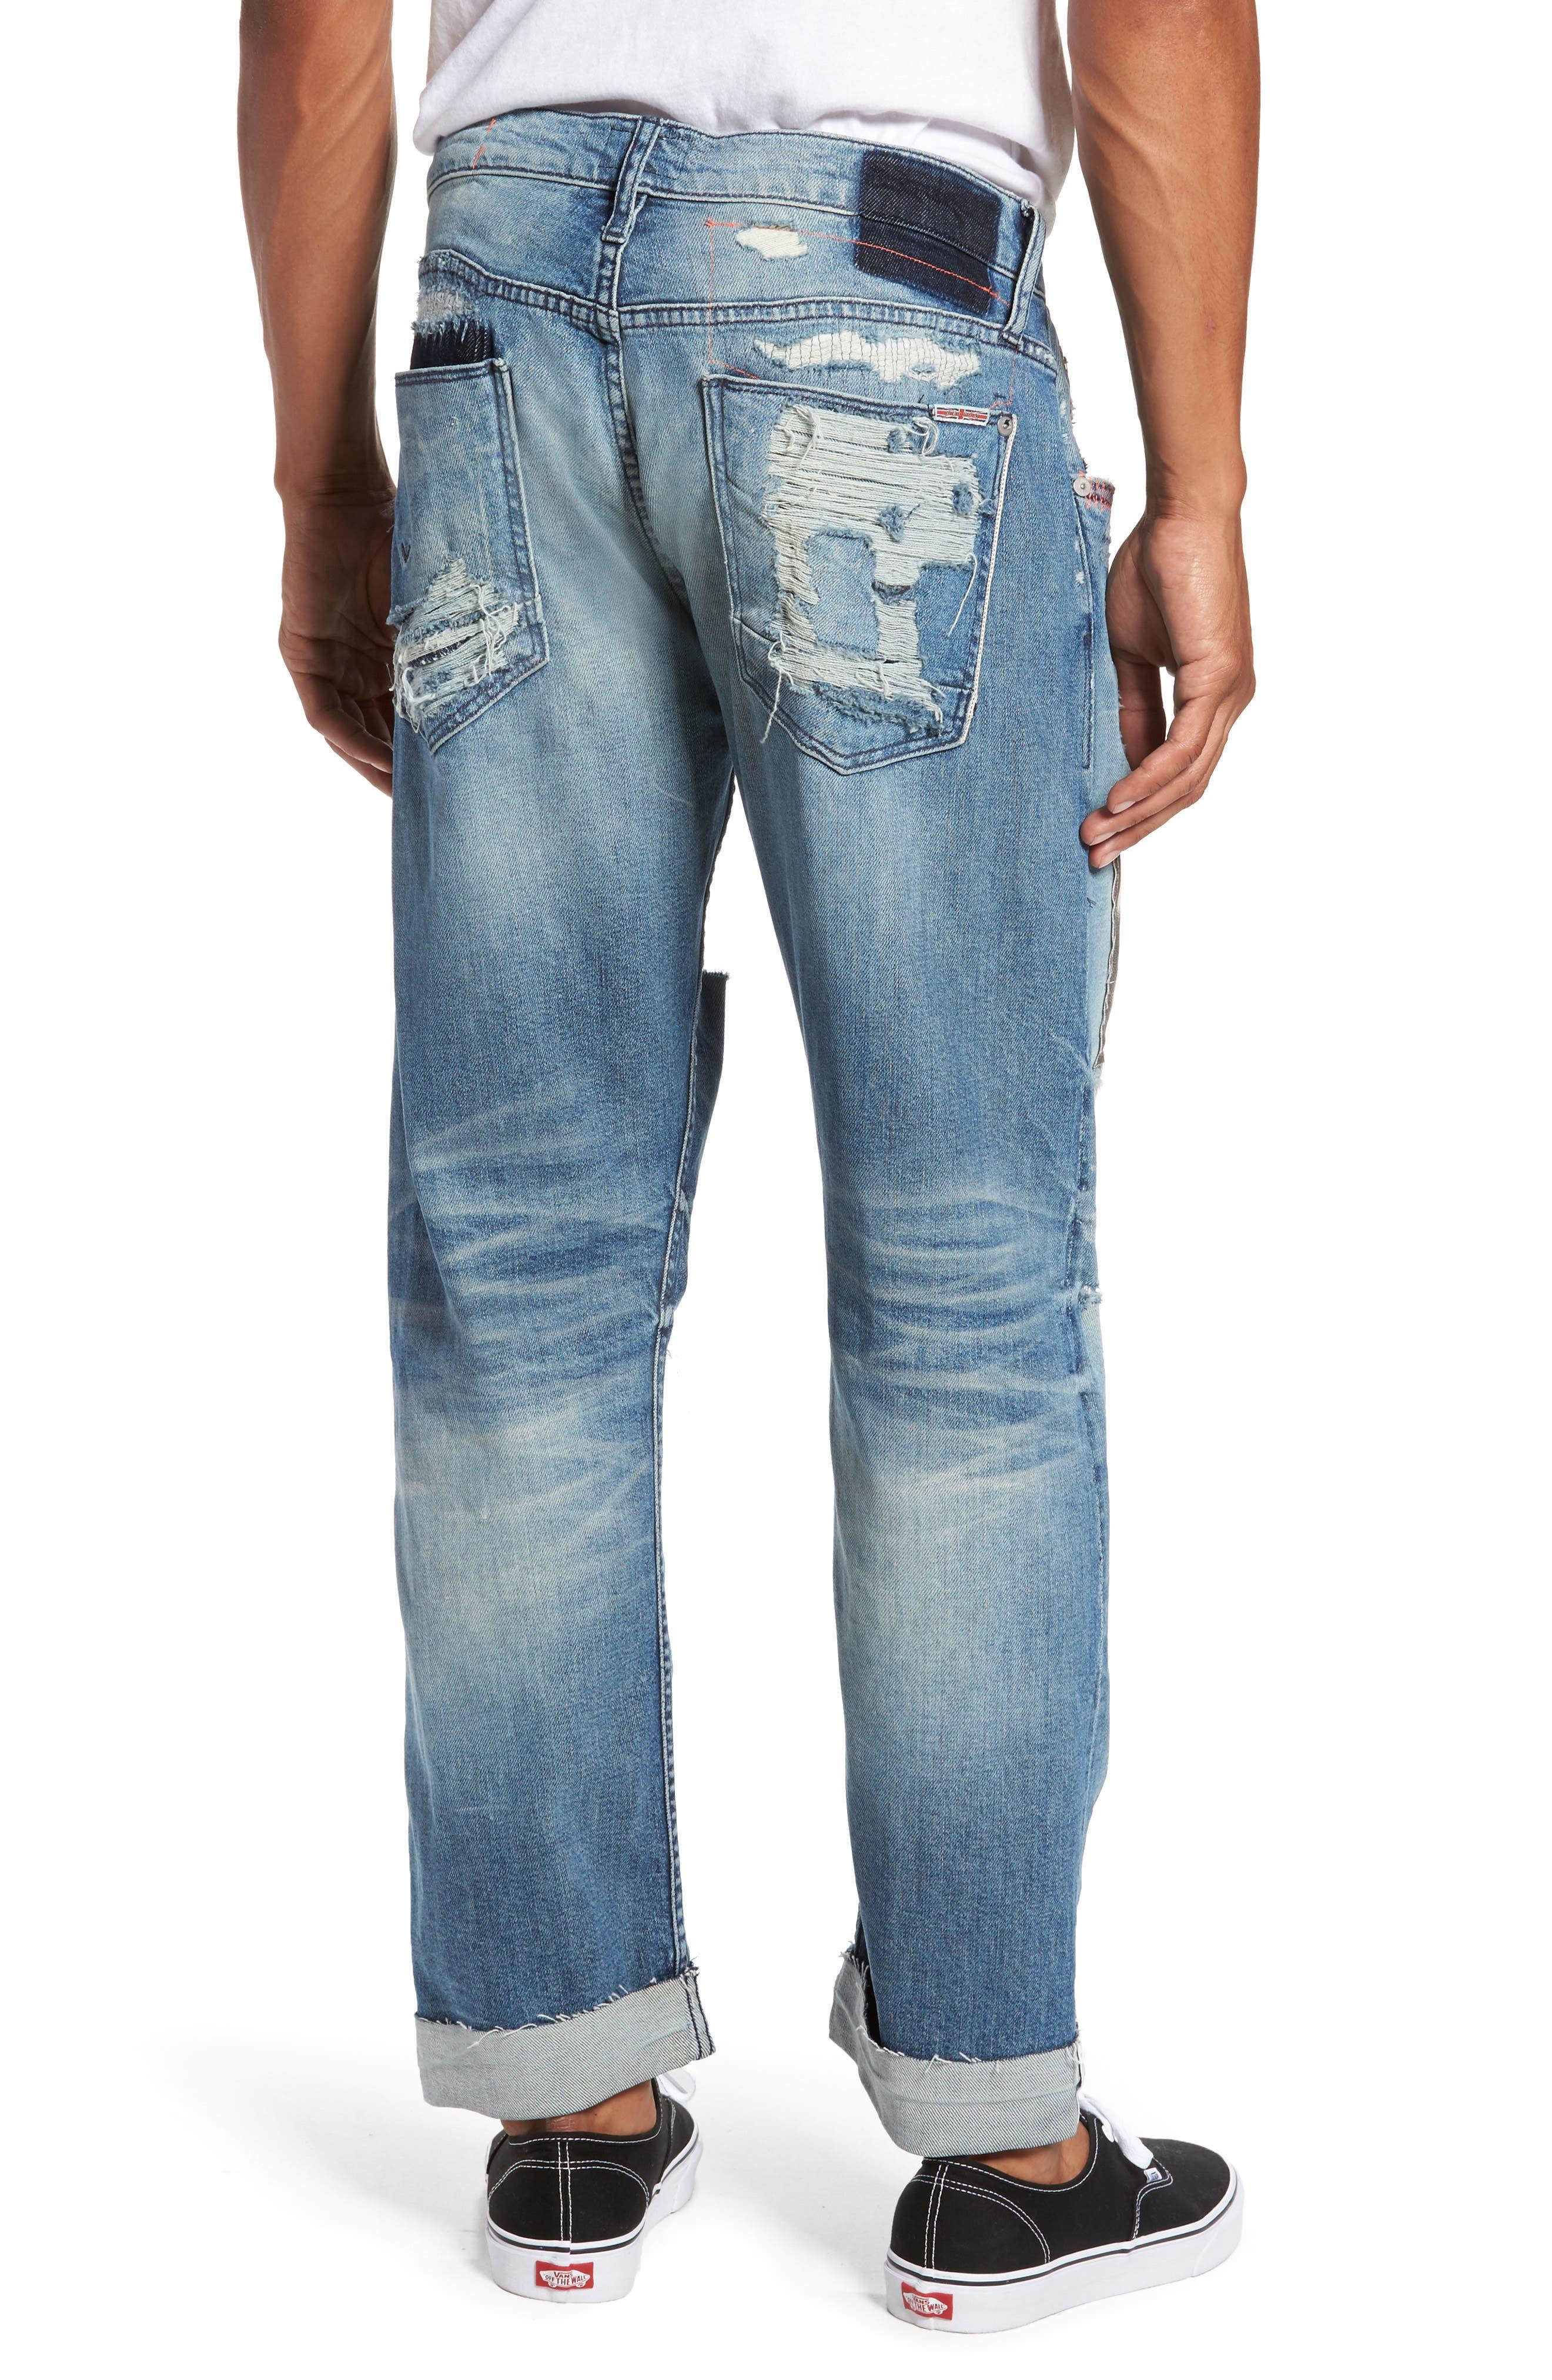 Blake Slim Fit Jeans,                             Alternate thumbnail 2, color,                             Public Enemy